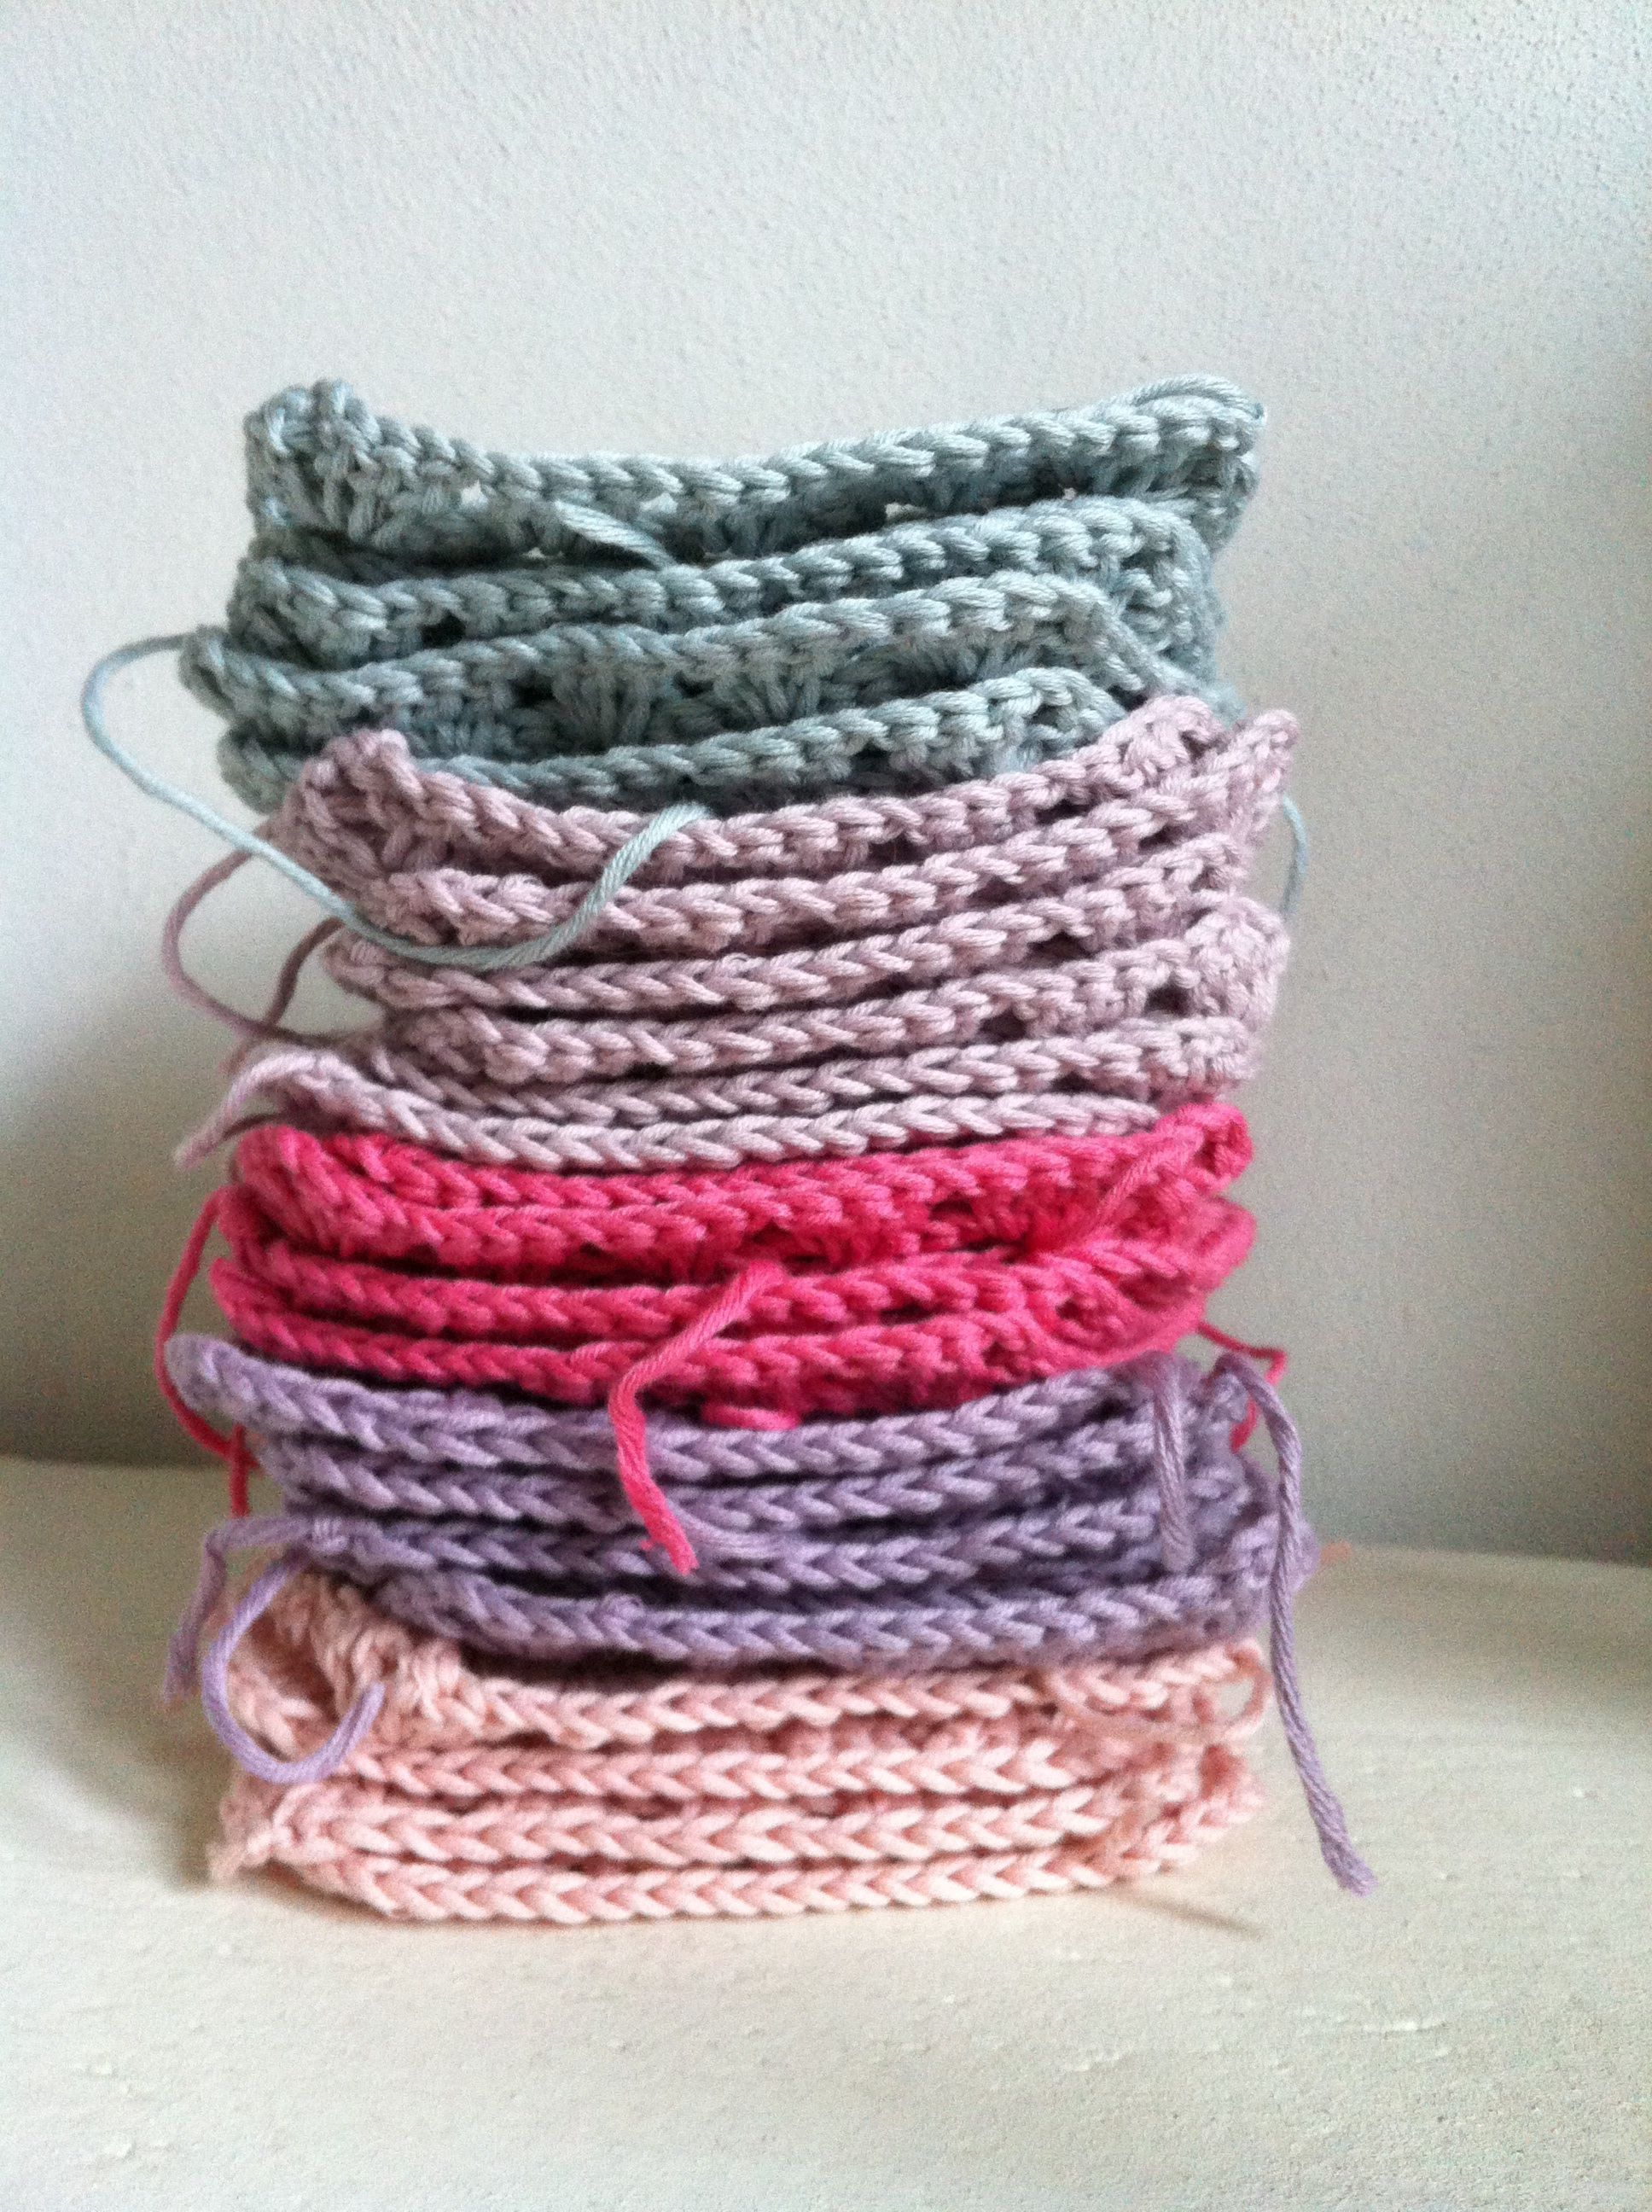 Vierkantjes Haken Knittingembroider And Hook Knitting